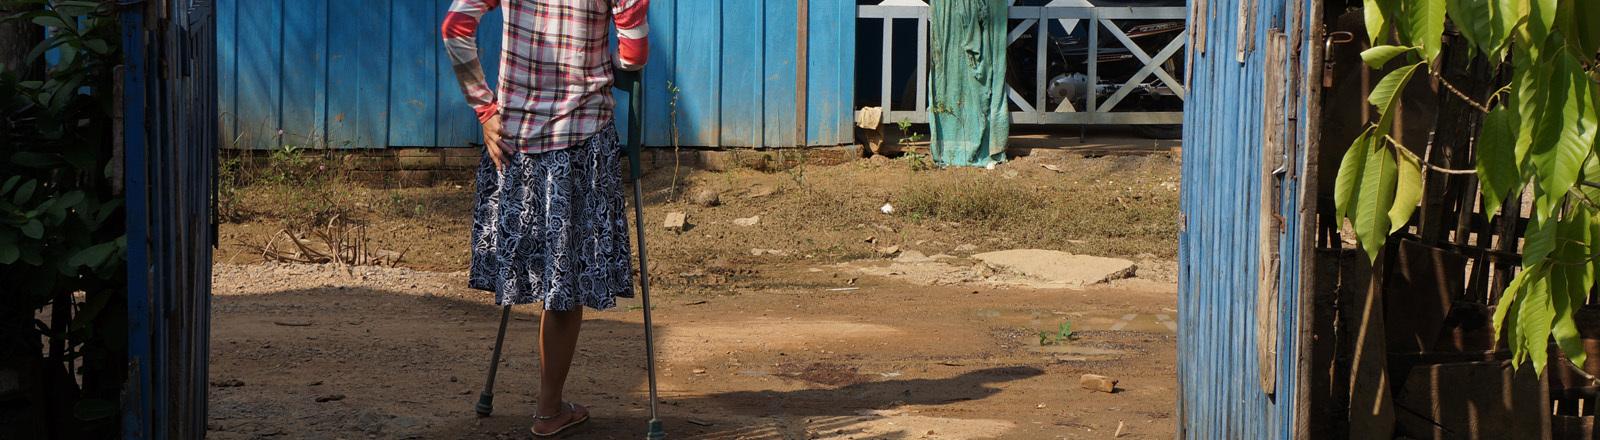 Eine Frau mit einer Beinprothese steht vor einem Haus.